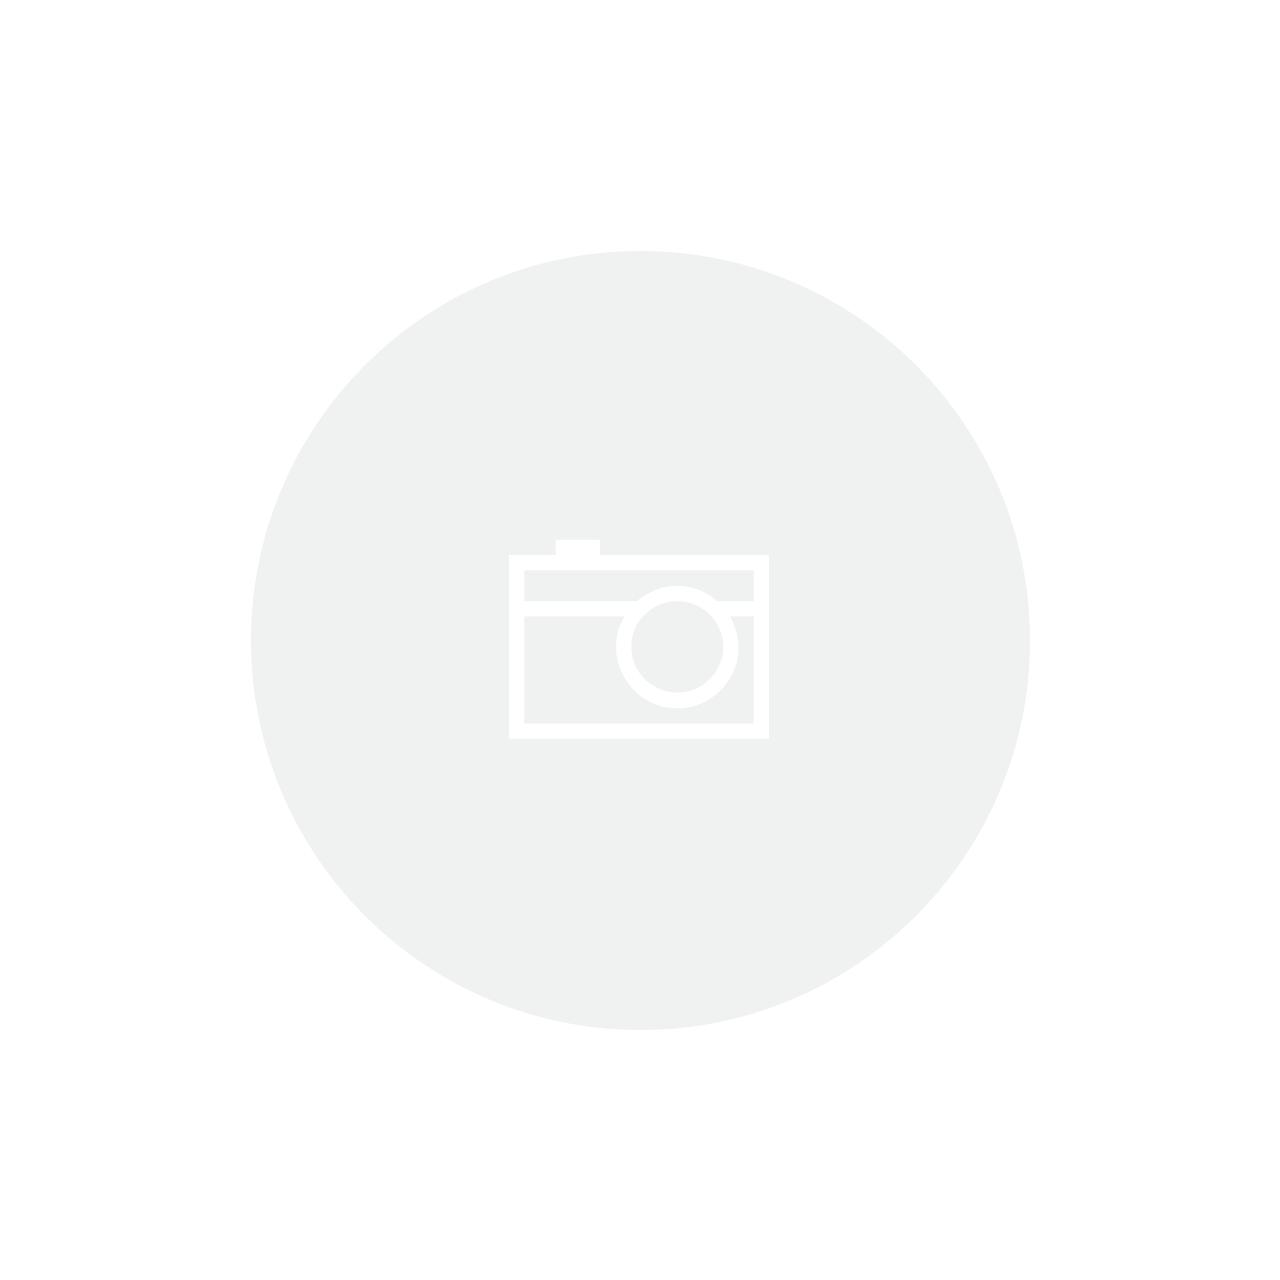 Pia em Aço Inox Aisi 304 - 0,7 mm. Bordas Dobradas ao Redor